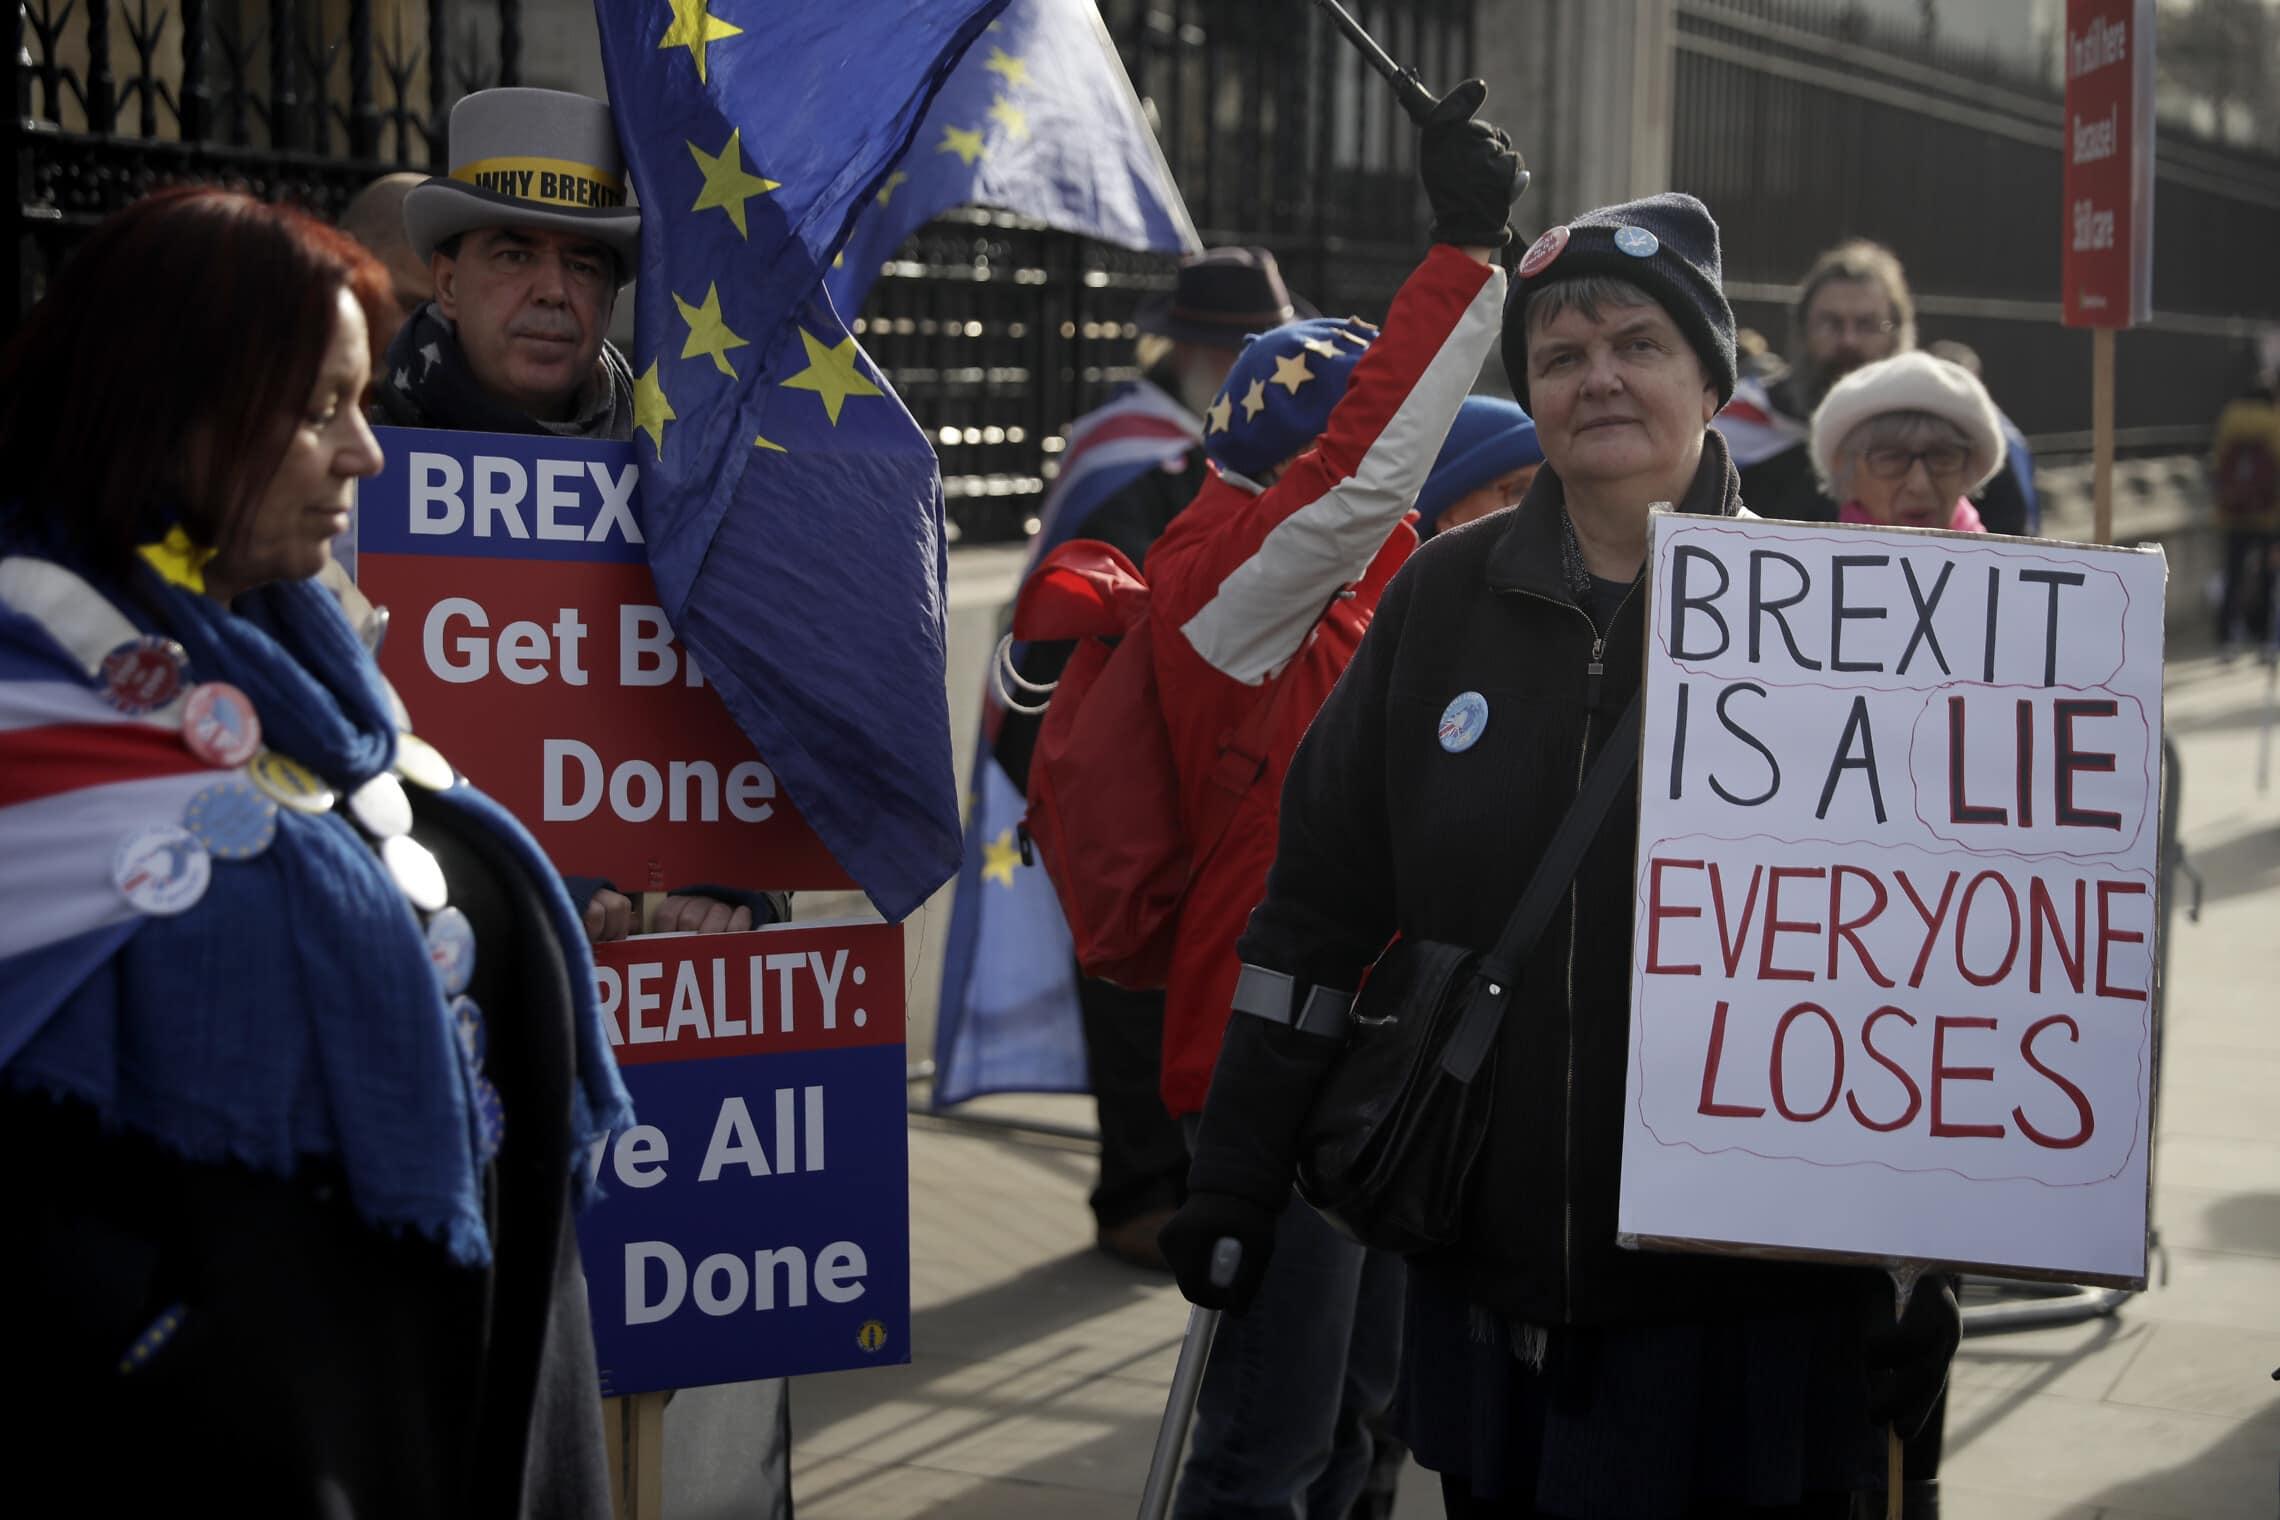 הפגנות מול בית הפרלמנט נגד הברקזיט, 5 בפברואר 2020 (צילום: AP Photo/Matt Dunham)